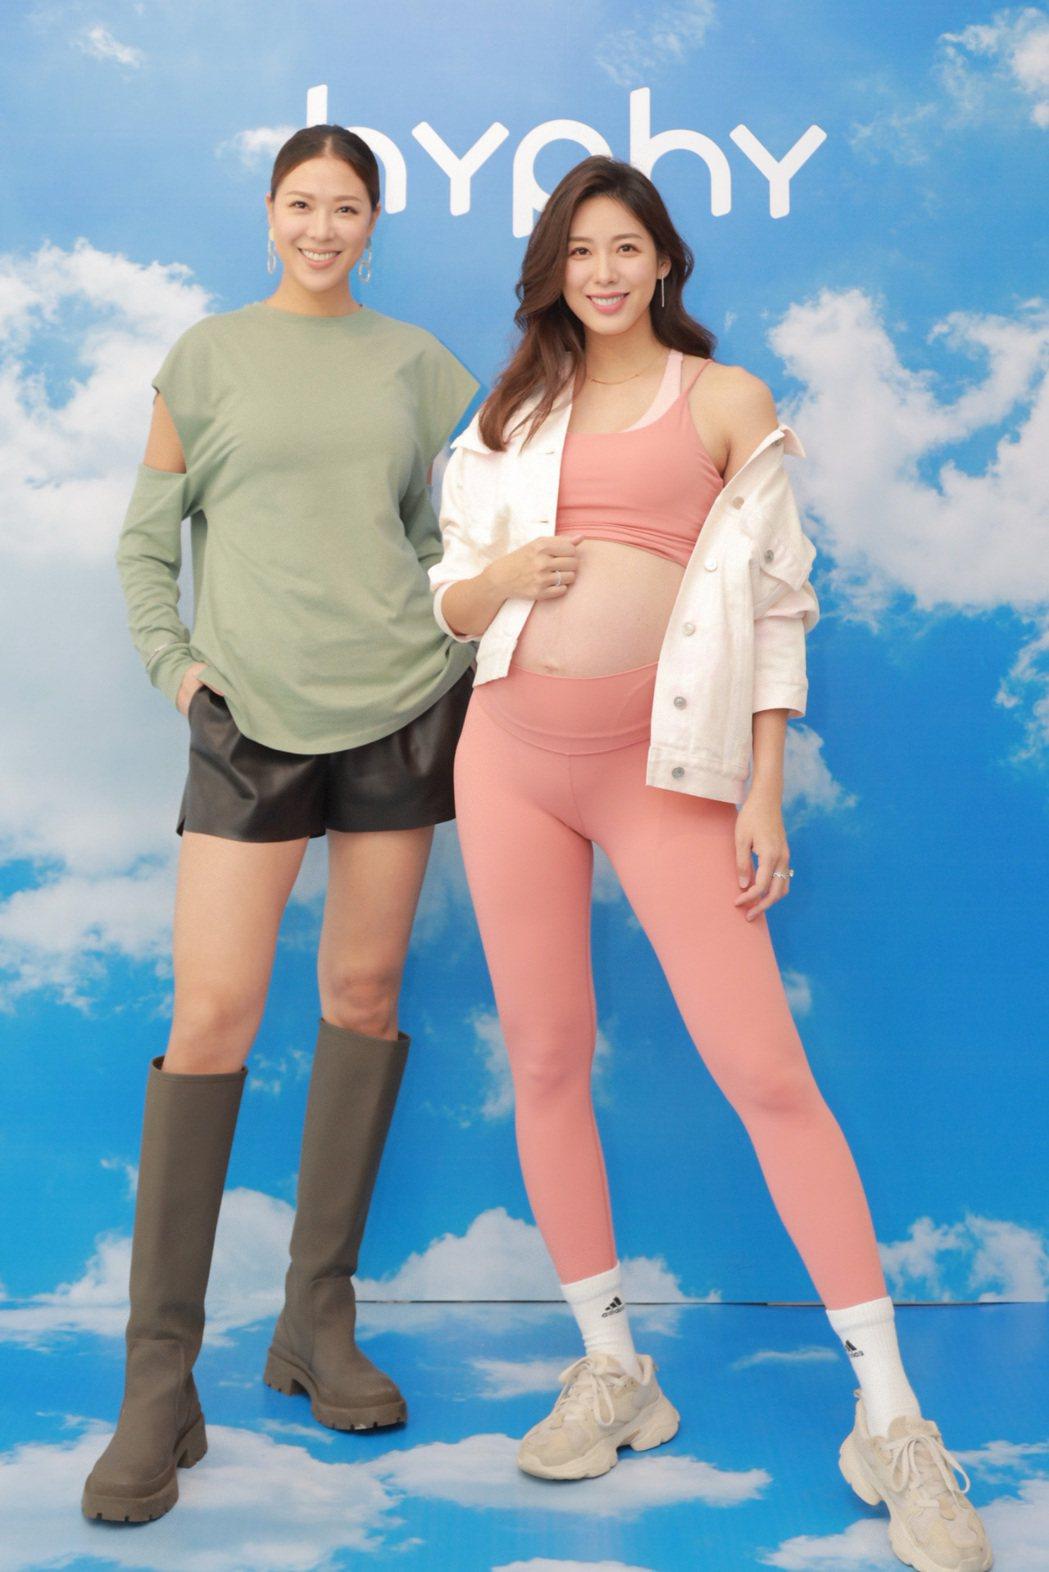 林可彤(右)、林又立為自家品牌新品上市宣傳。圗/hyphy提供